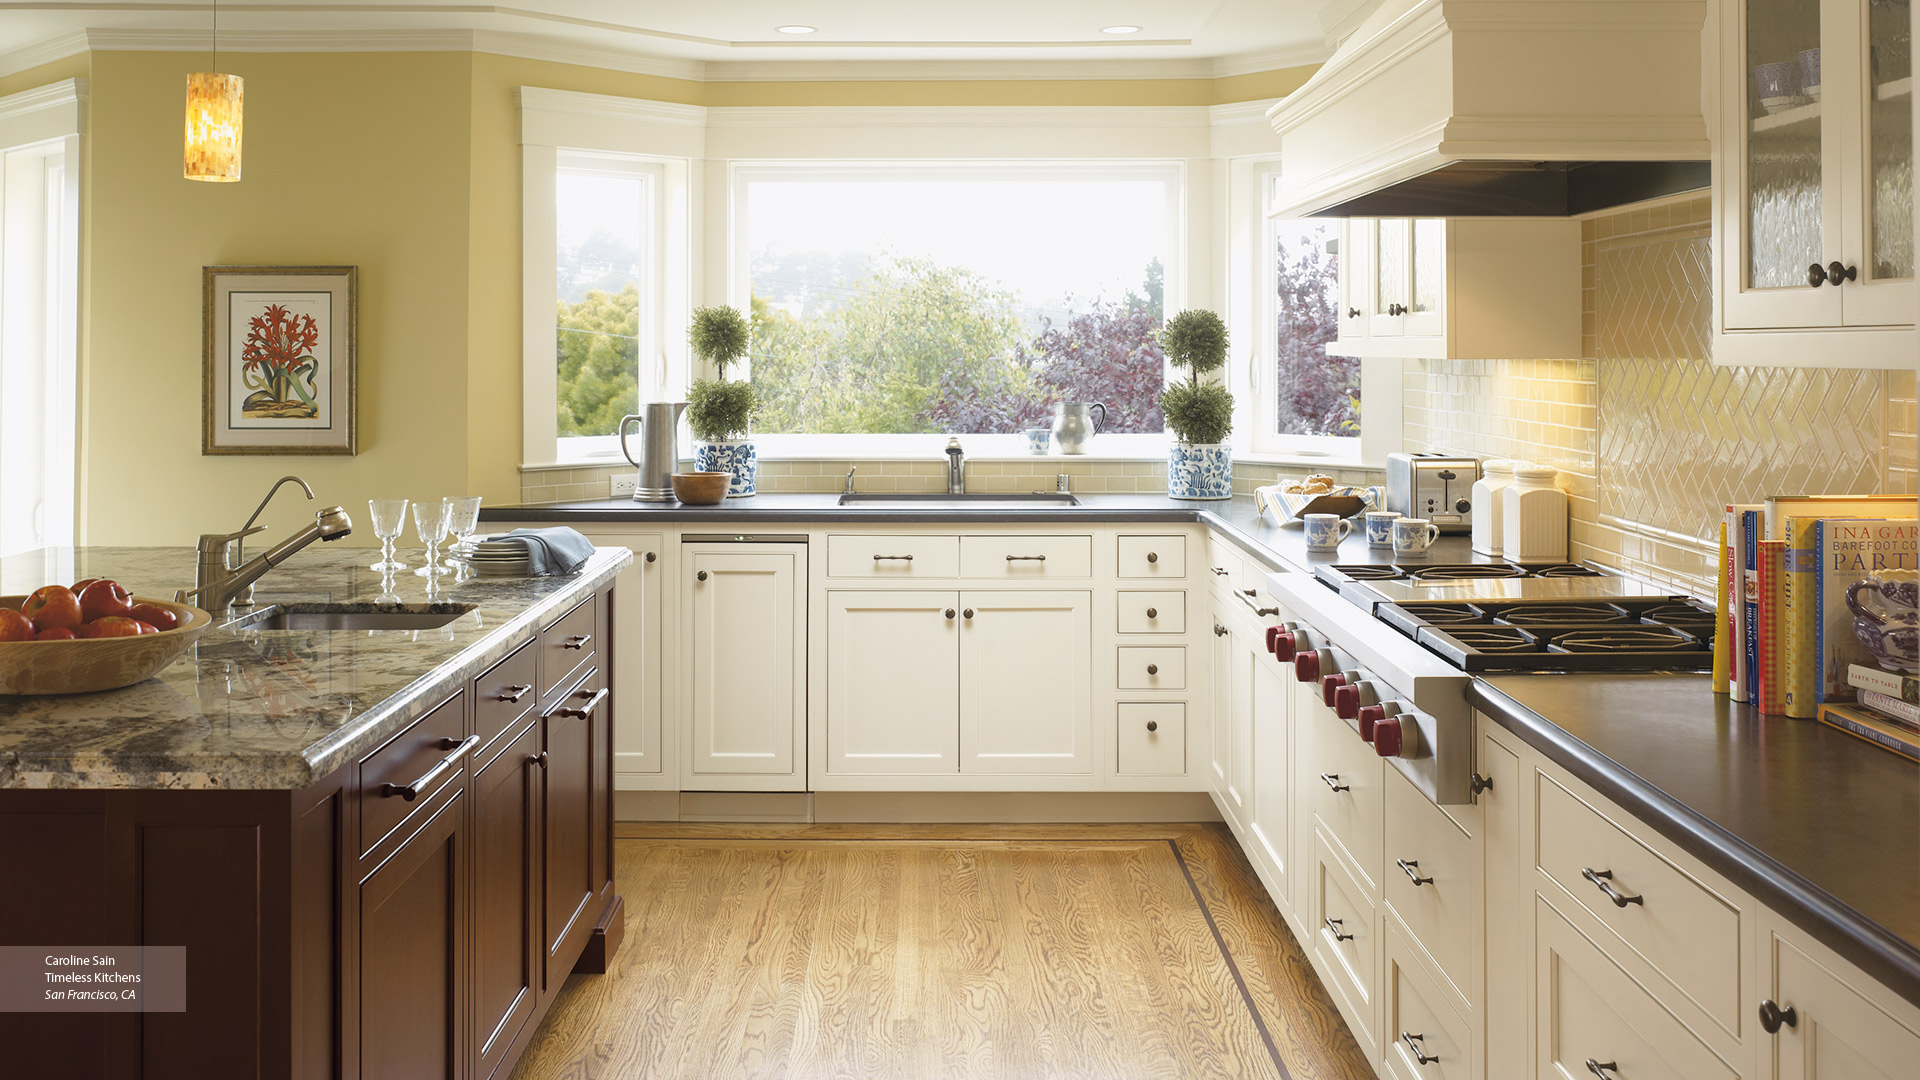 Best Kitchen Gallery: Off White Kitchen Cabi S Omega Cabi Ry of White Kitchen Cabinets on cal-ite.com